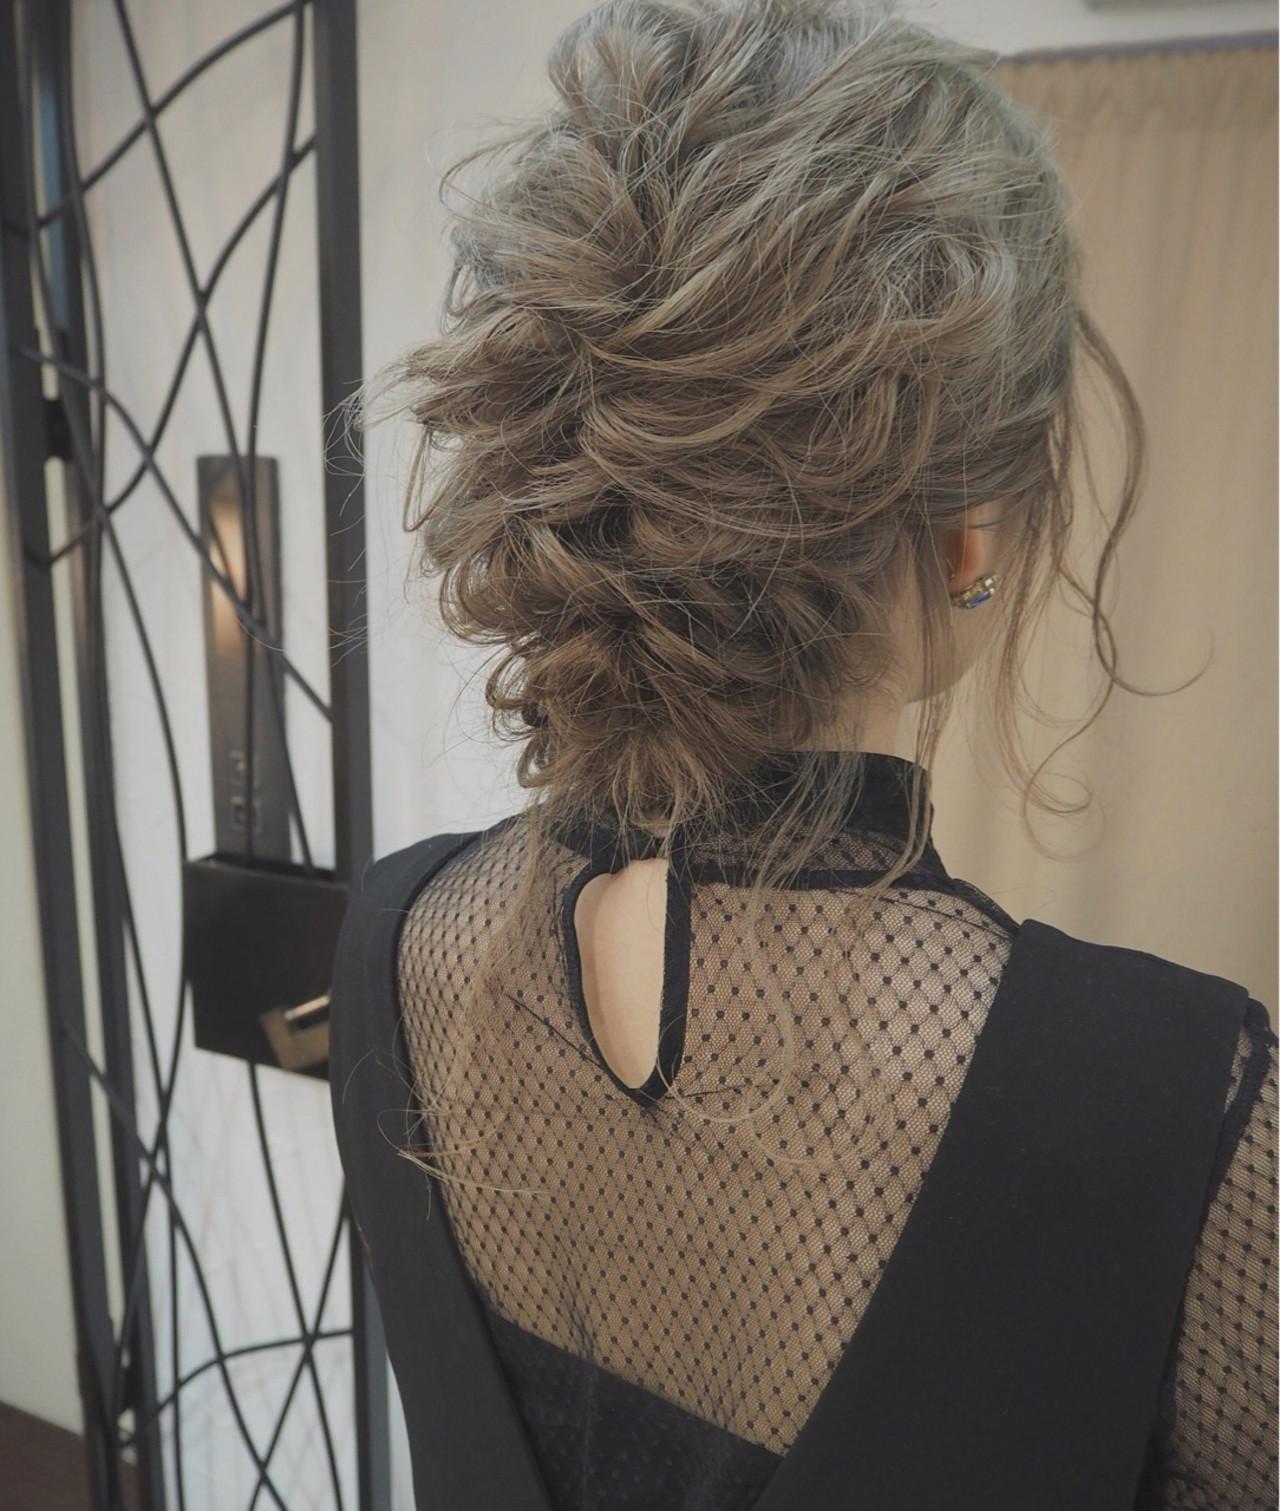 簡単なのに超かわいい♡くるりんぱを使った女子力高めな髪型アレンジ 宮迫 真美  airfeel